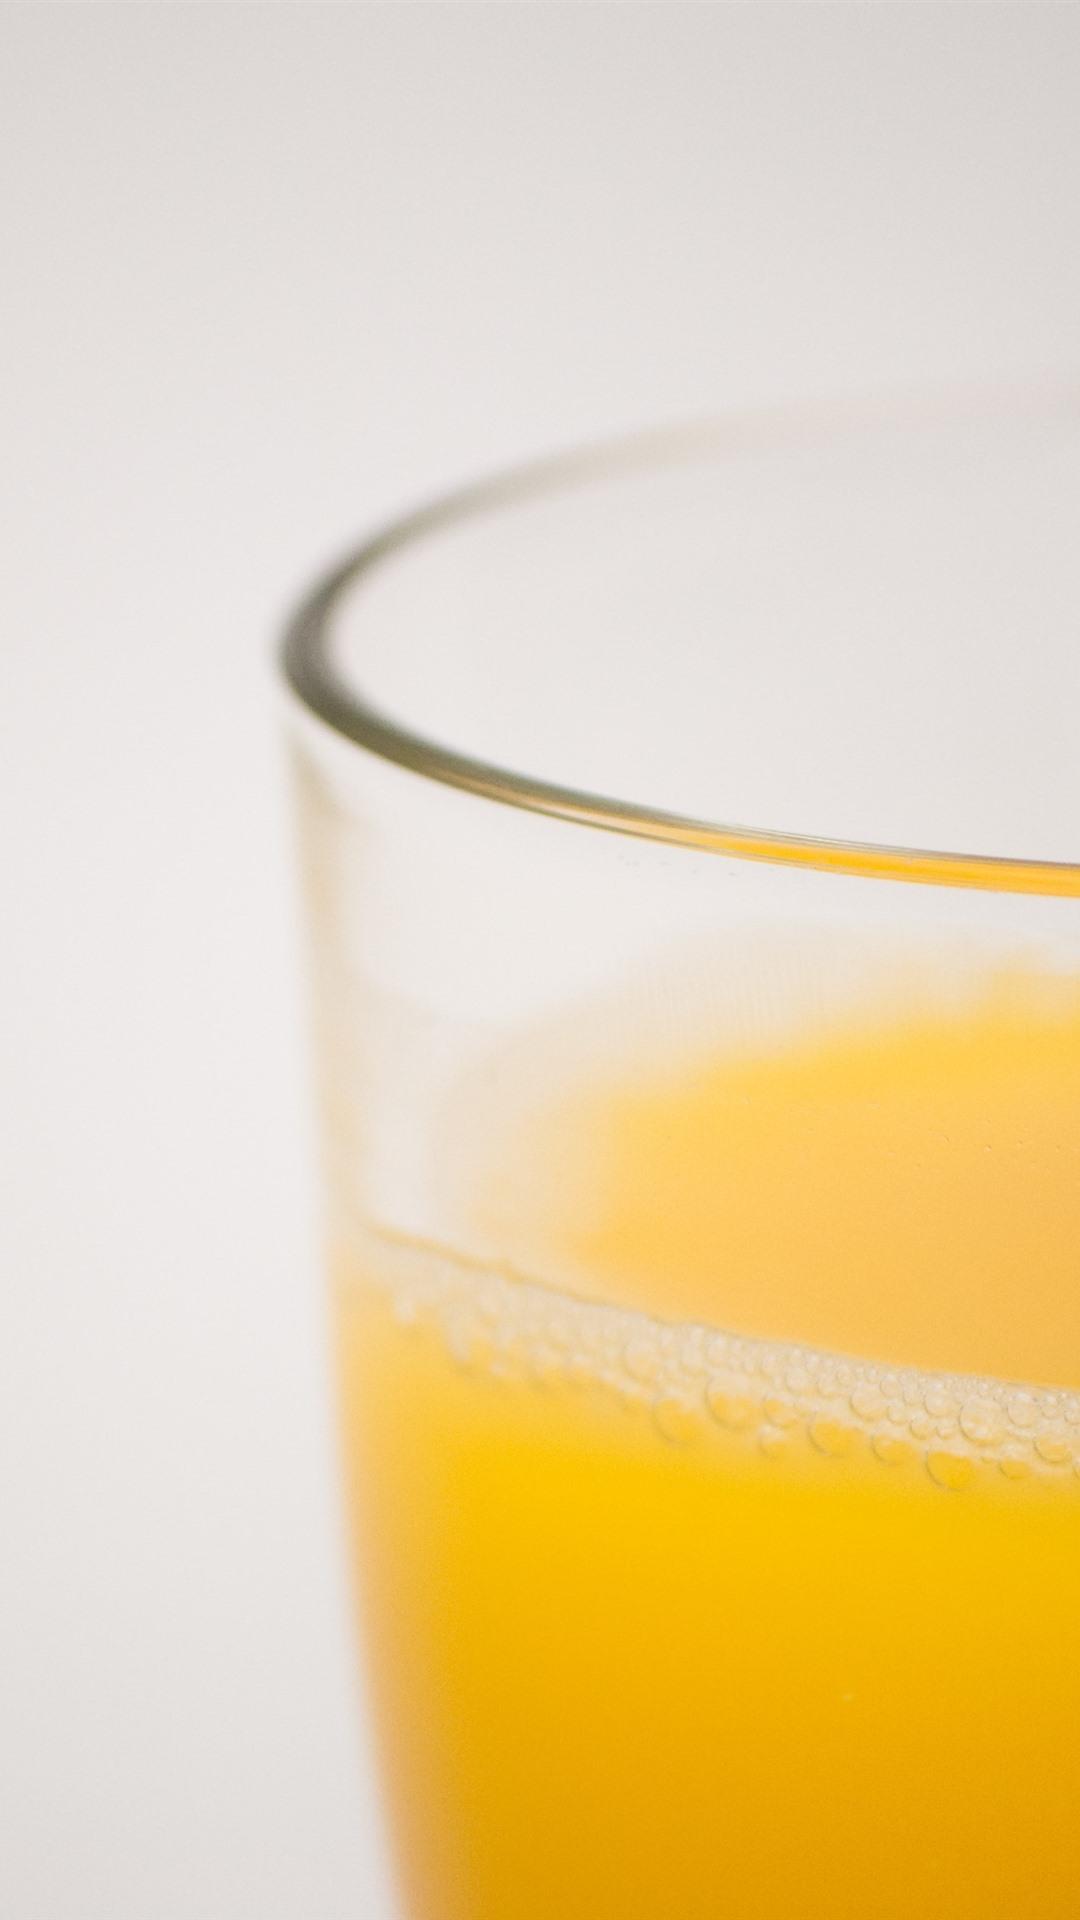 Orange juice glass cup